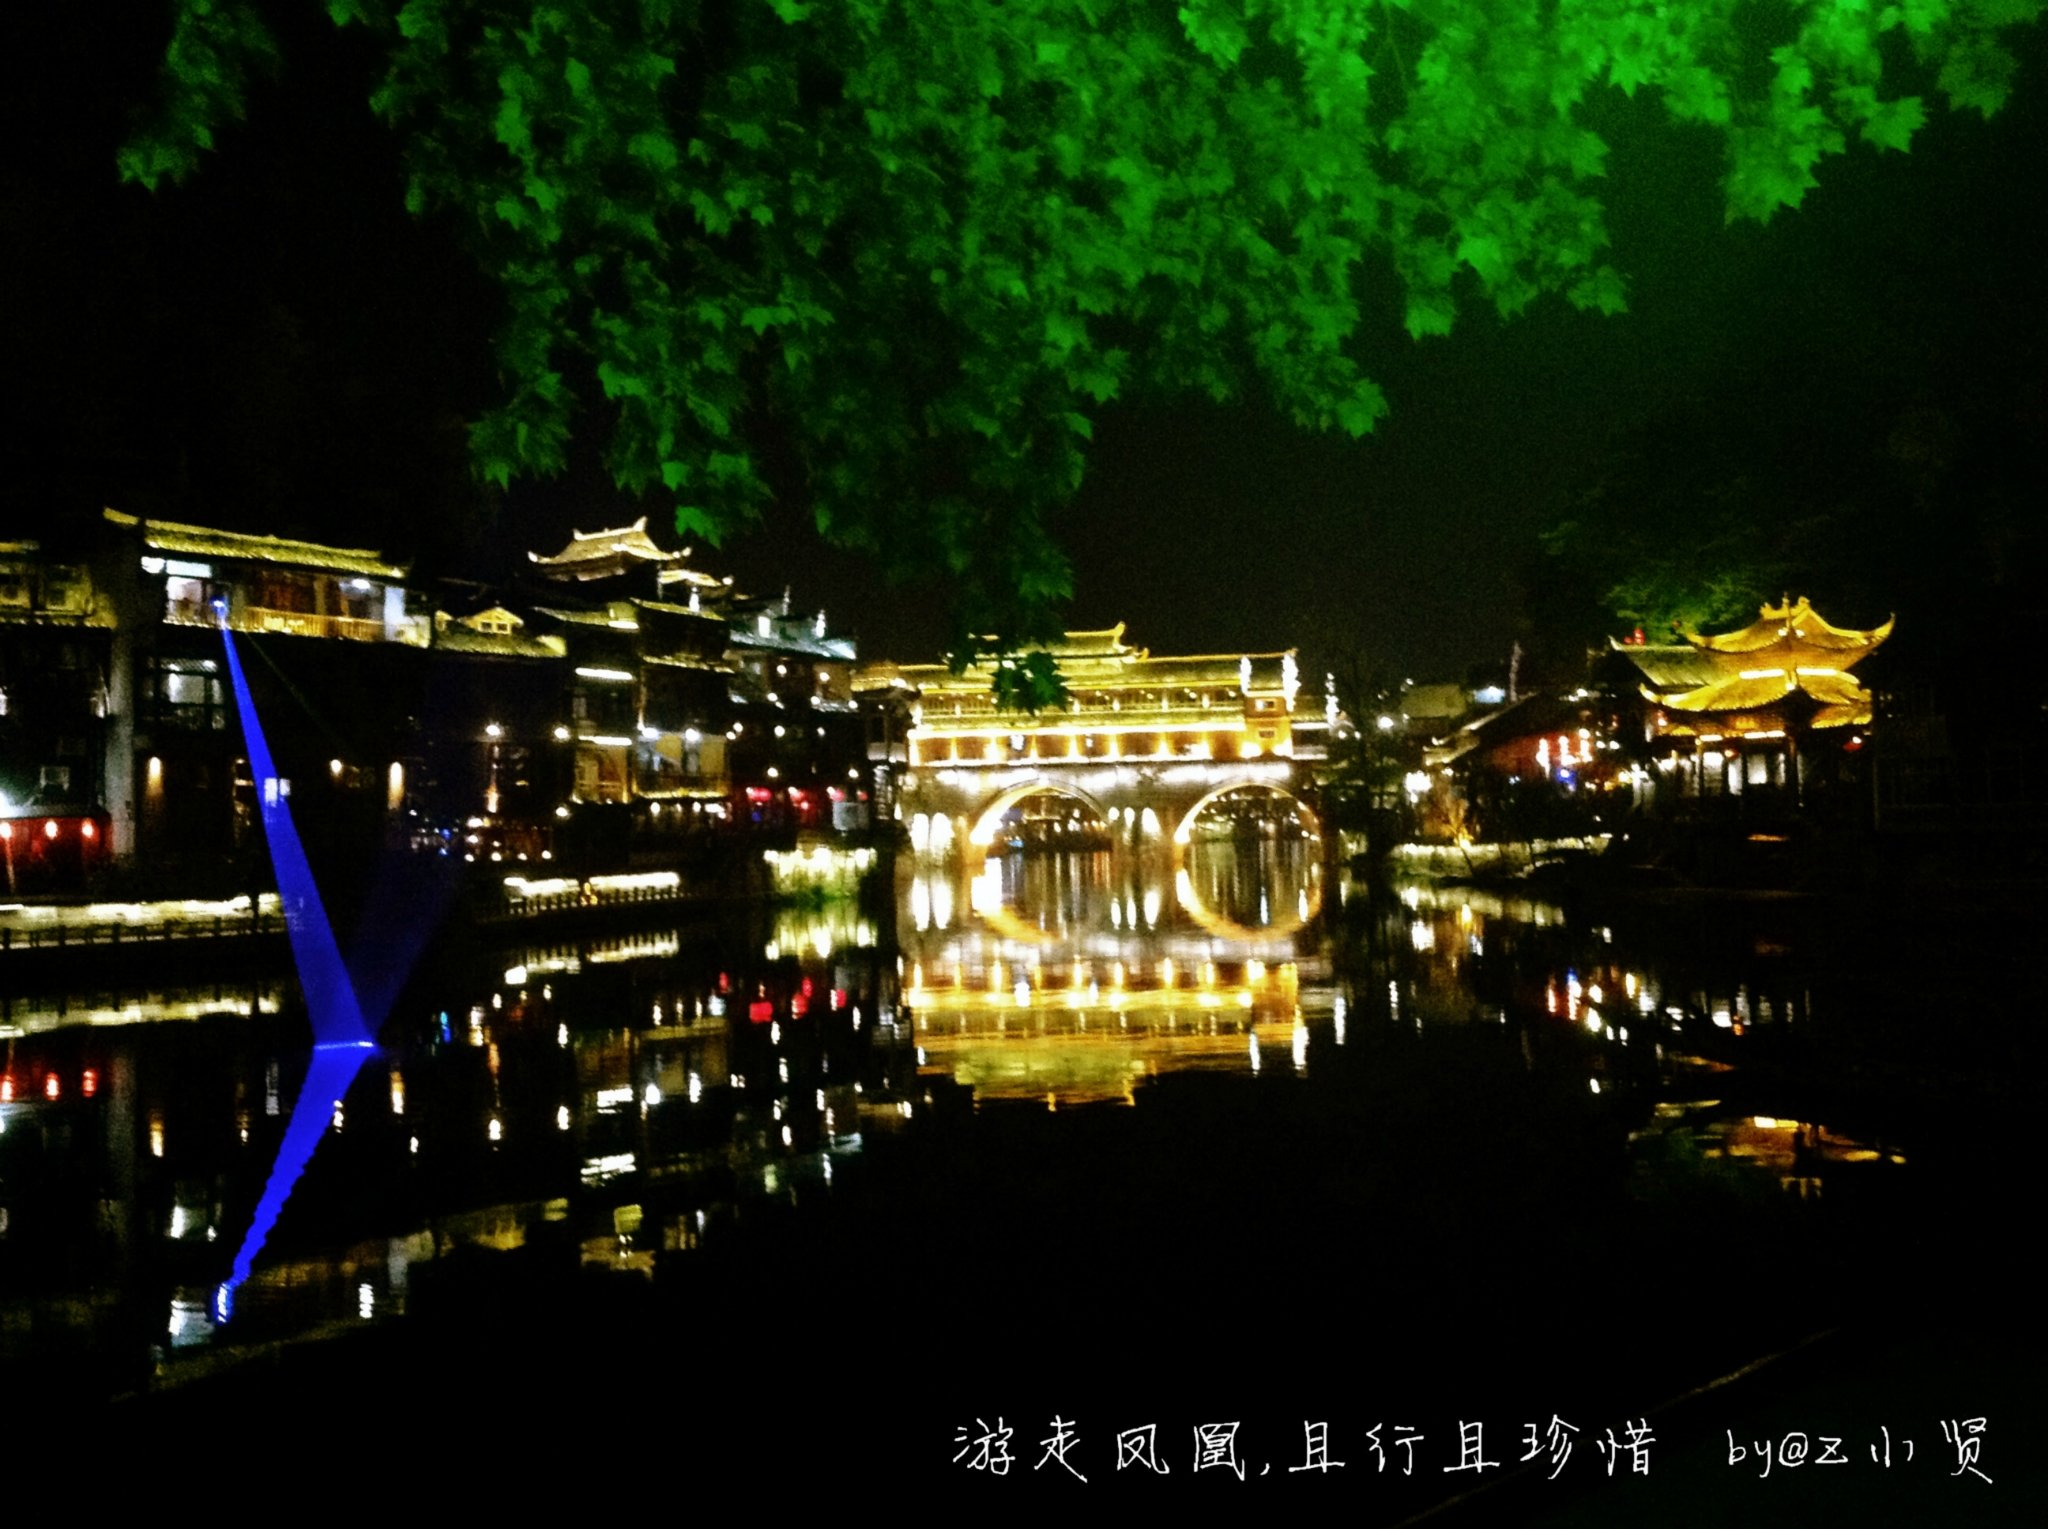 湖南初体验:长沙-张家界-凤凰六日游